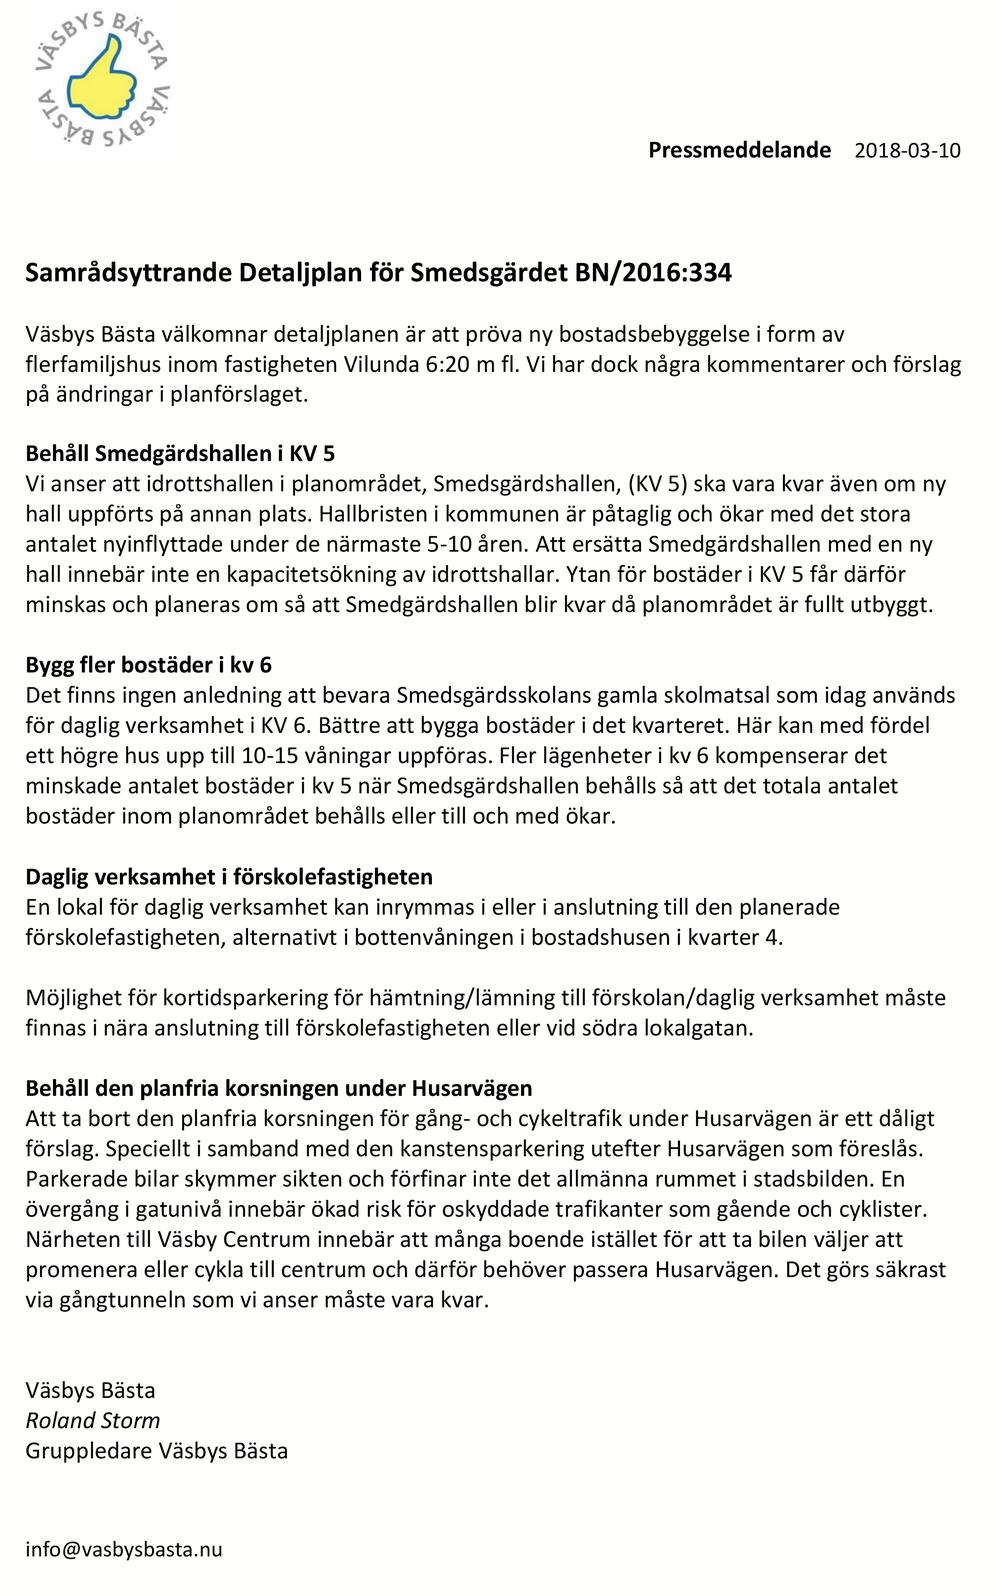 2018-03-10 Pressmeddelande samrådsyttrande Smedsgärdstomten kopiera.png